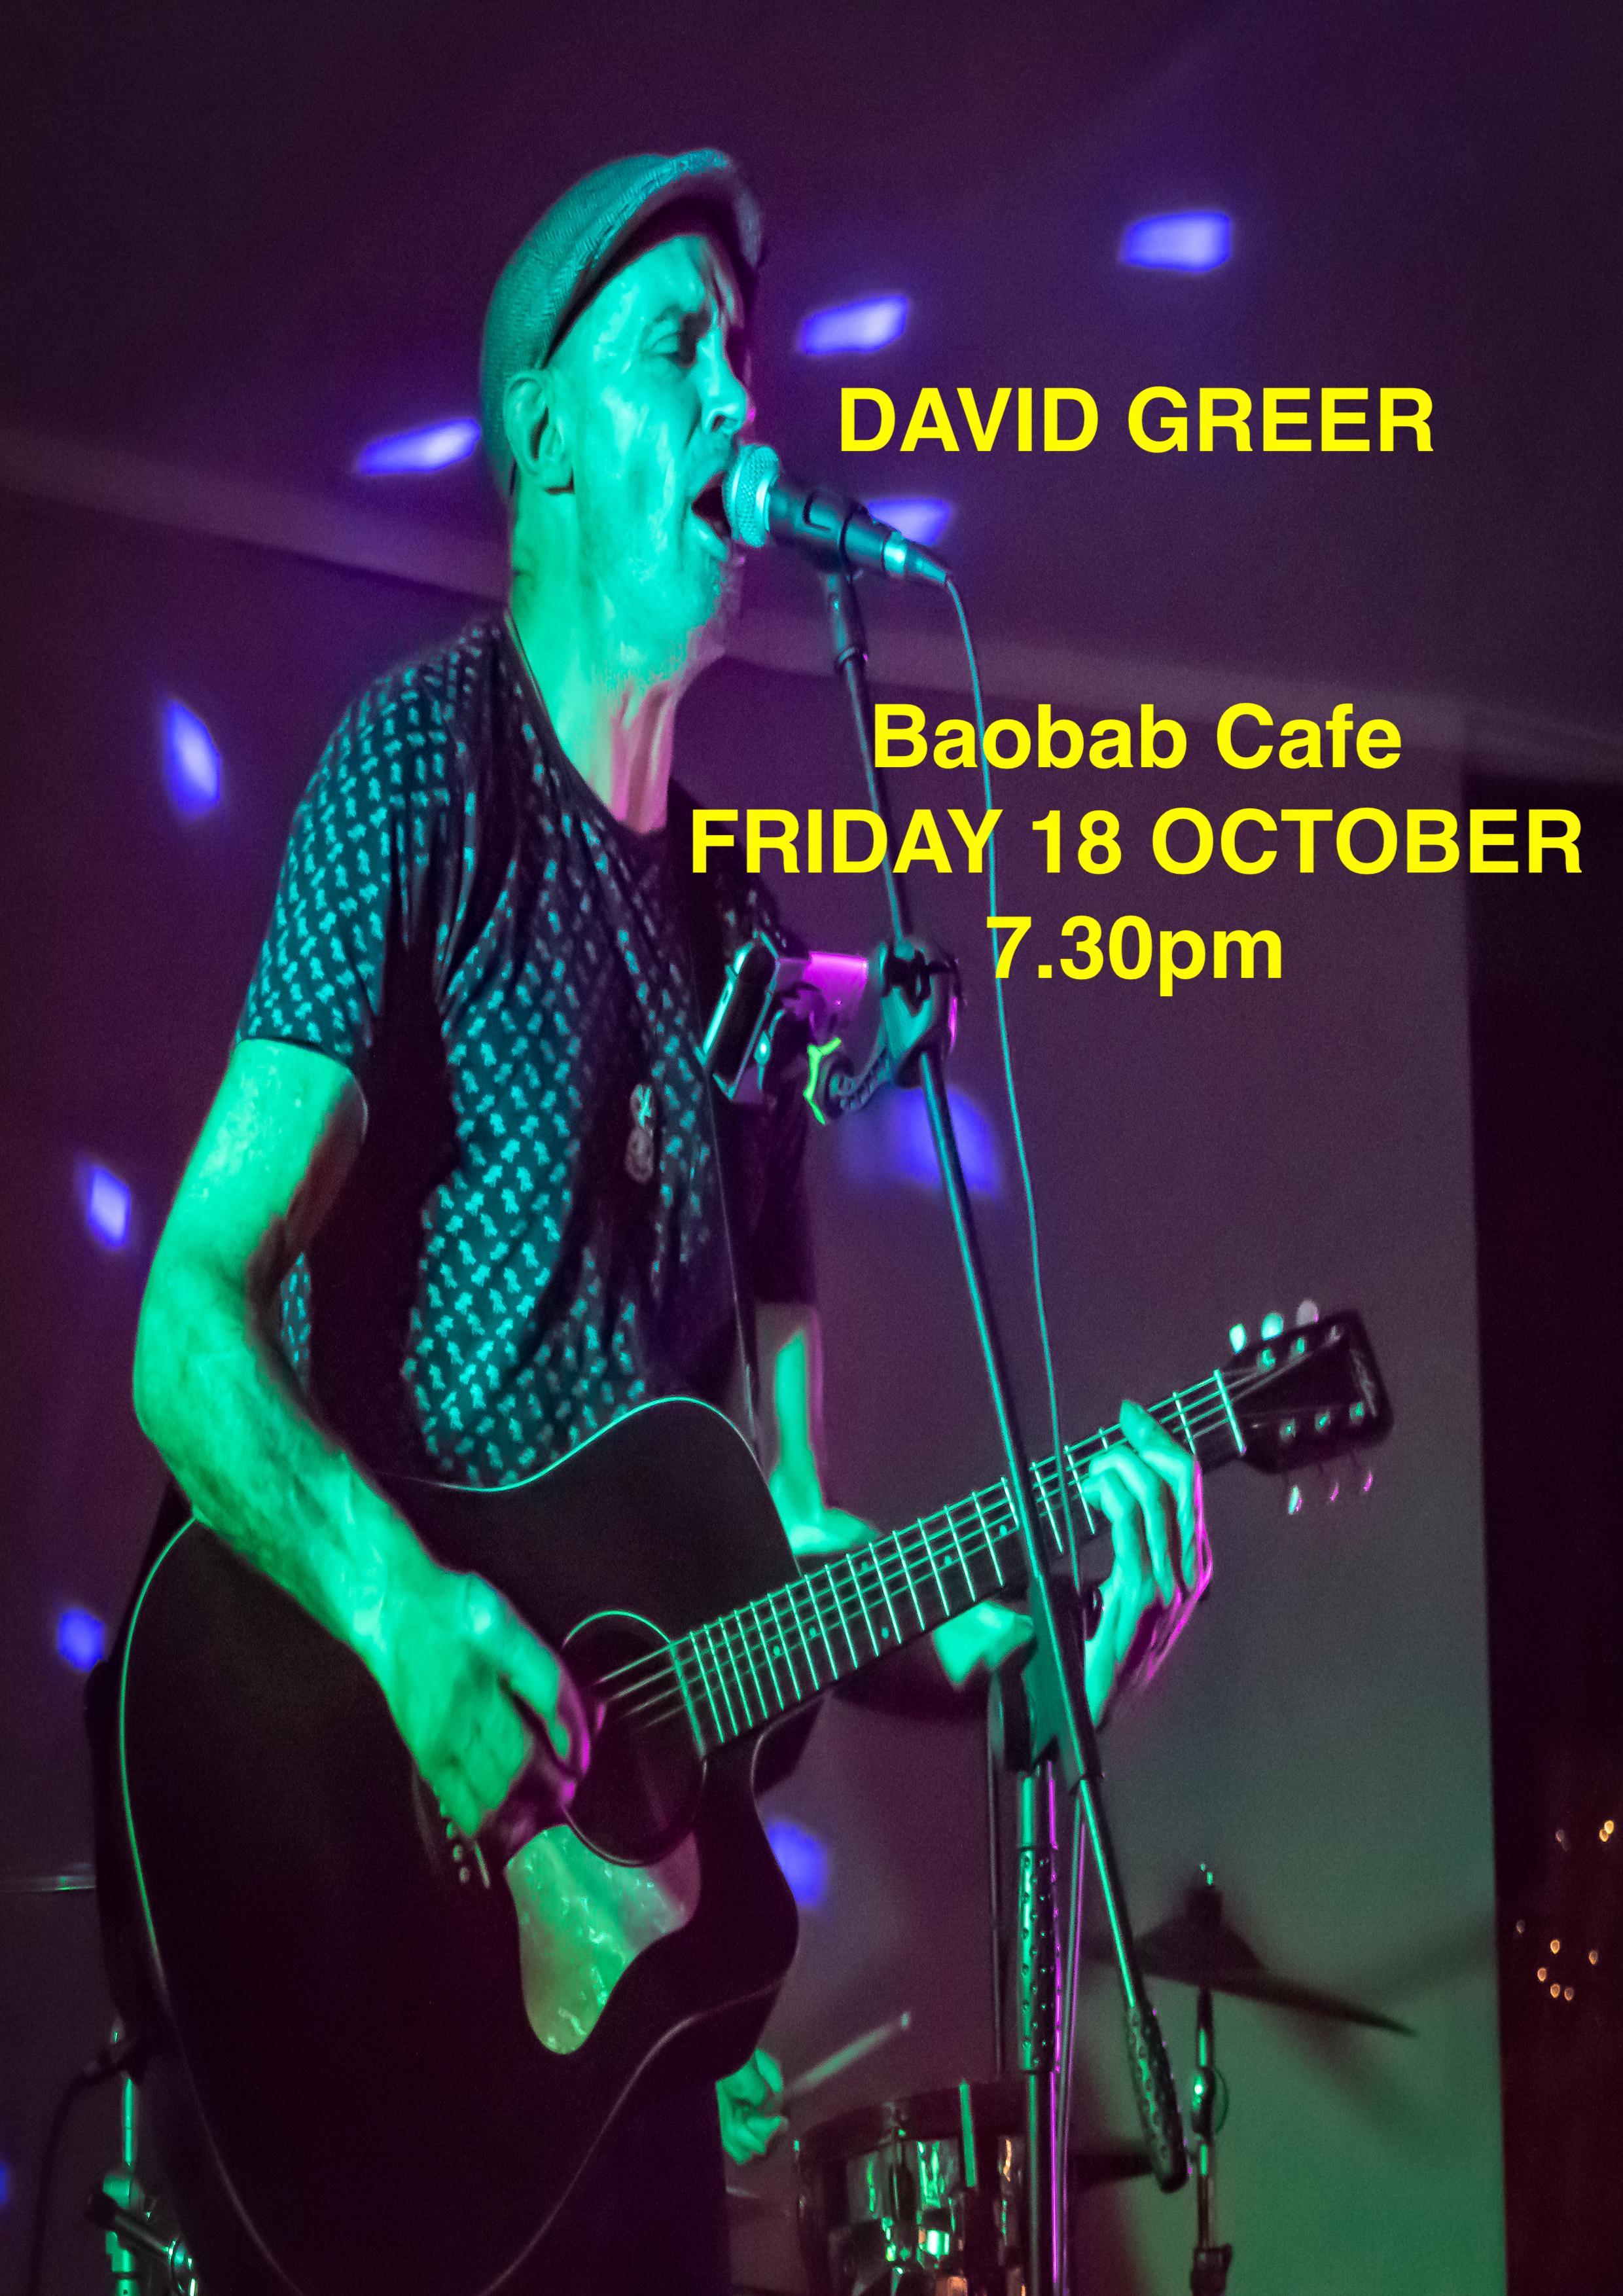 David Greer Cafe Baobab